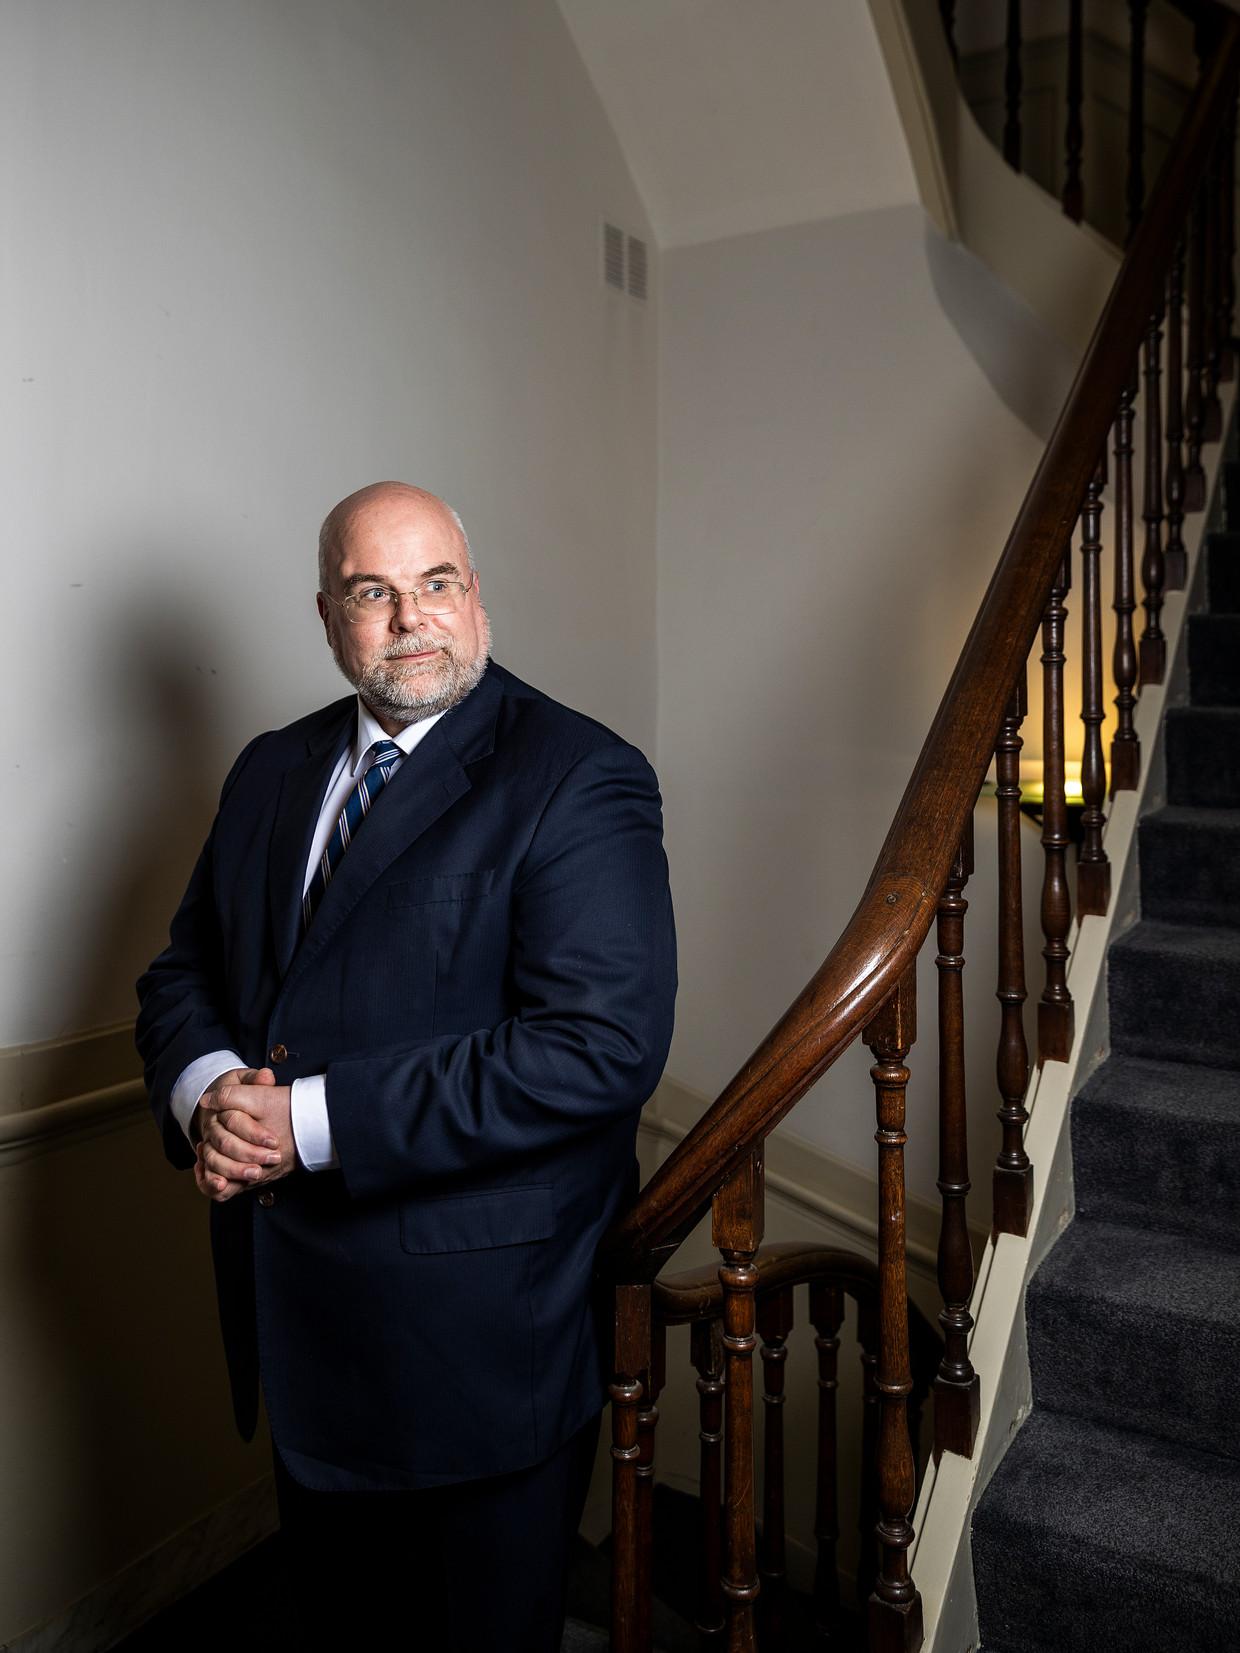 Erwin Muller is hoogleraar veiligheid en recht aan de Universiteit Leiden en voorzitter van de evaluatiecommissie van de wet voor de veiligheidsregio's.